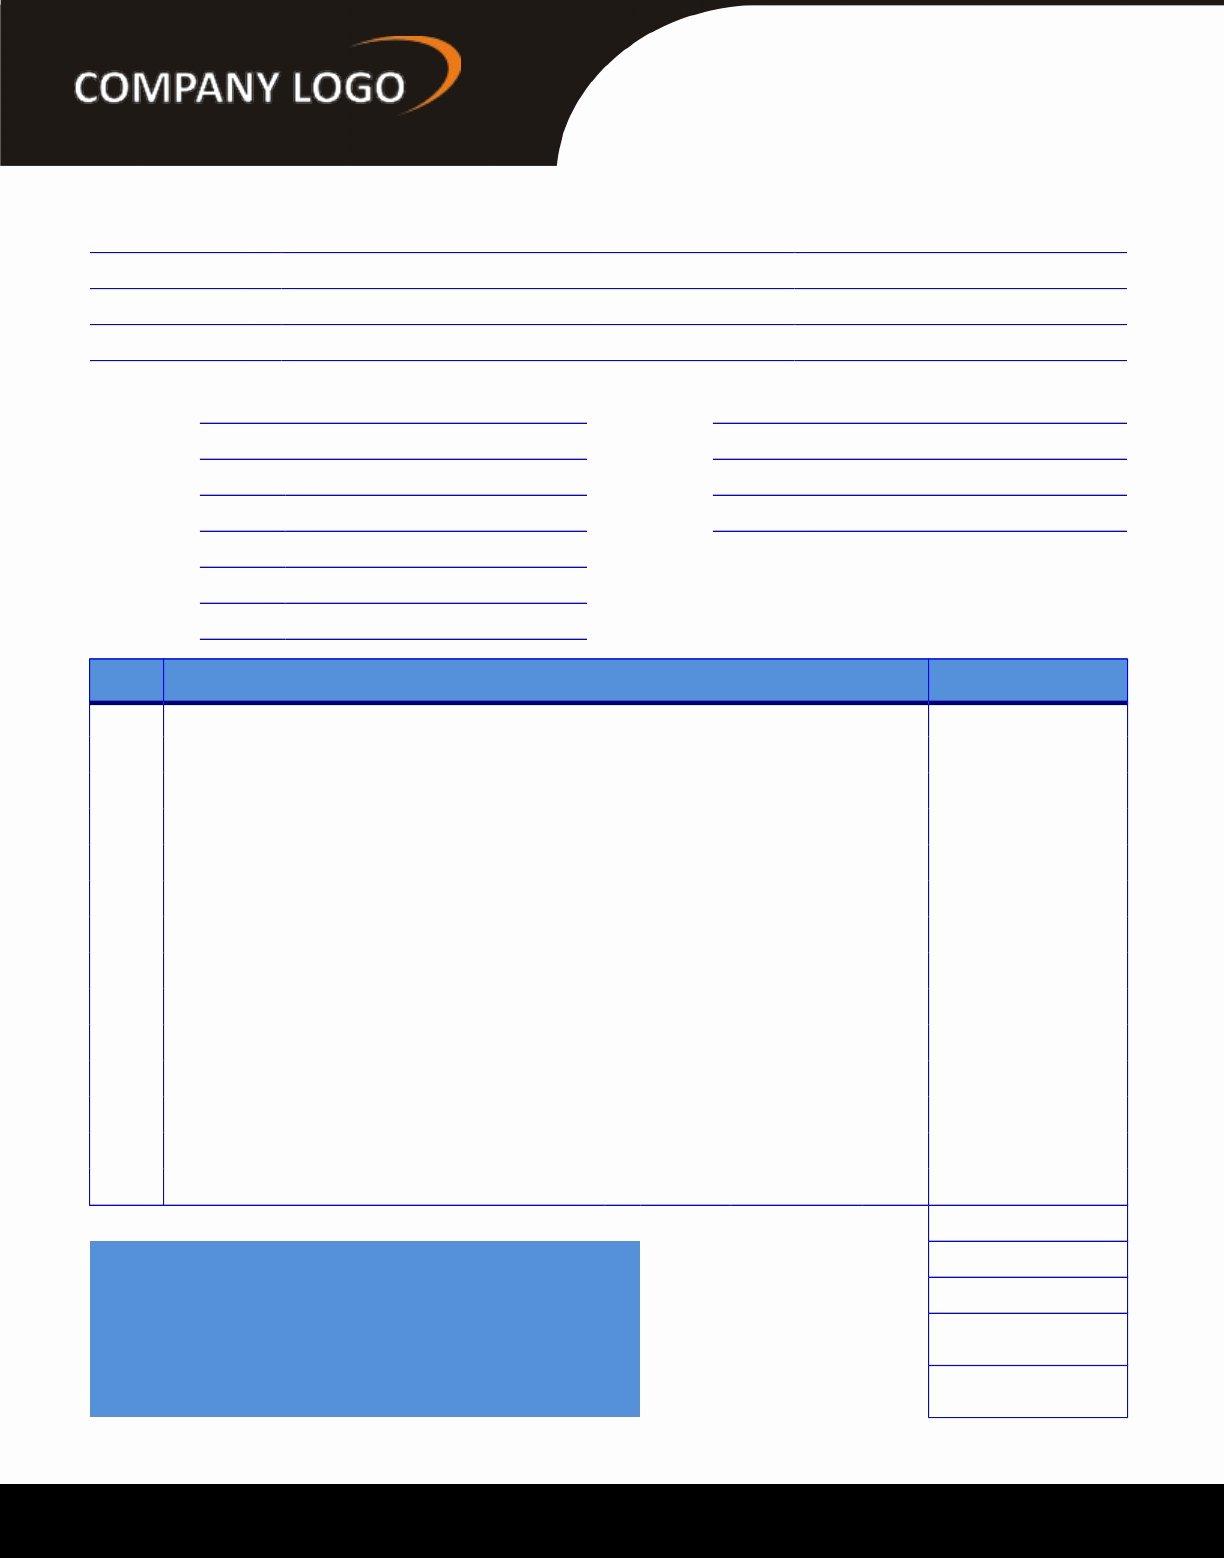 Graphic Designer Invoice Template Luxury Freelance Graphic Design Invoice Template Invoice